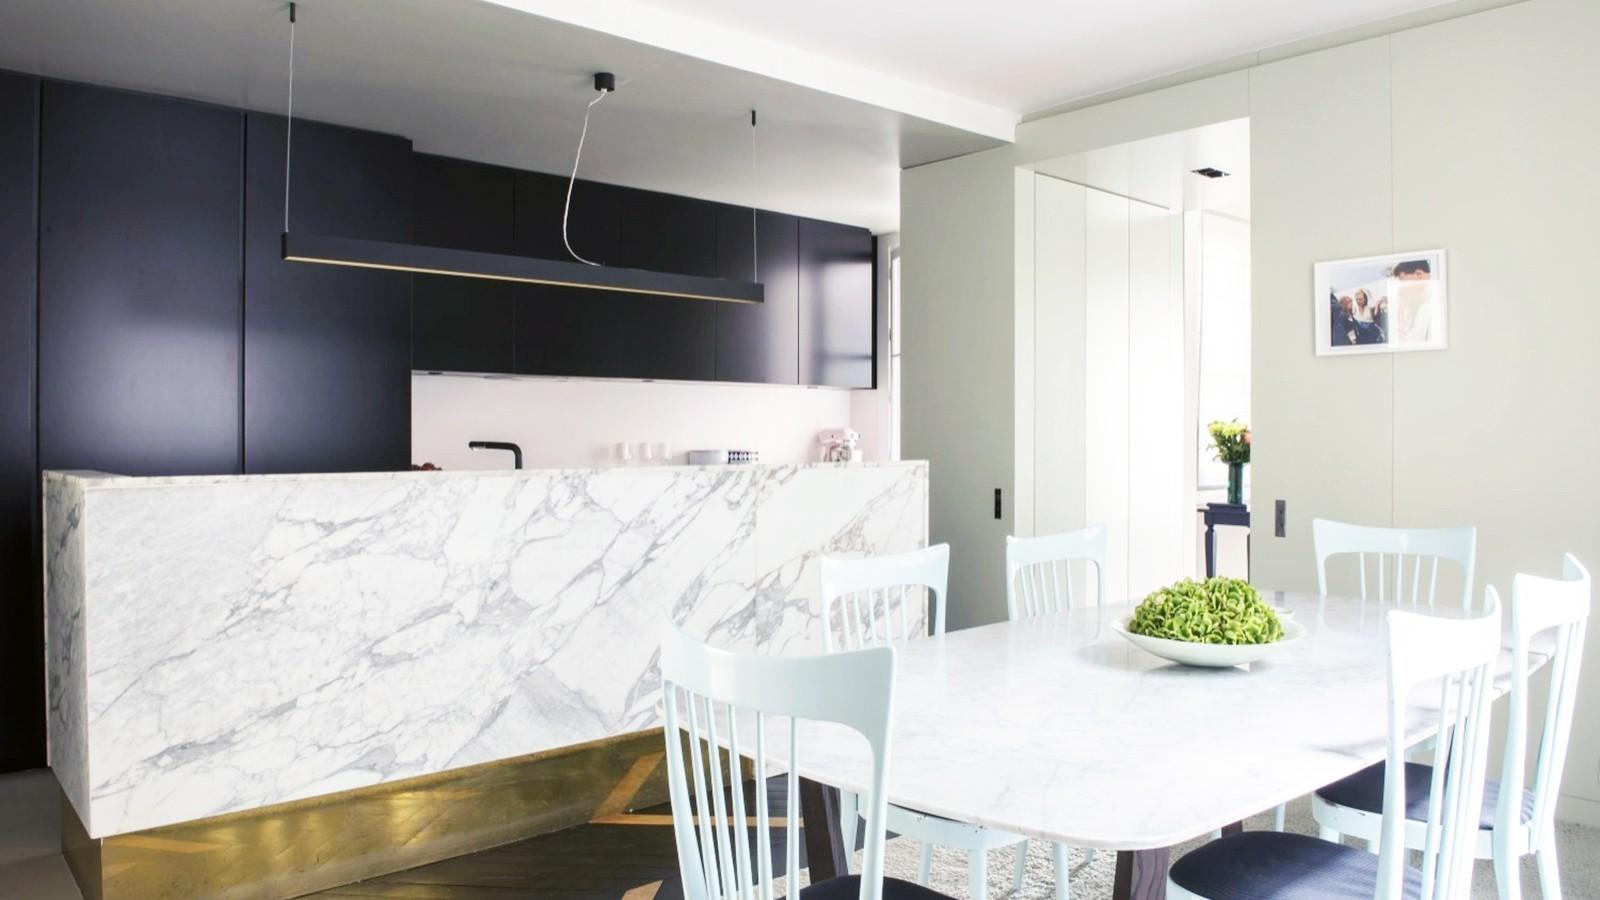 EFI Design Cuisine Et Salle A Manger Efi Design 1337